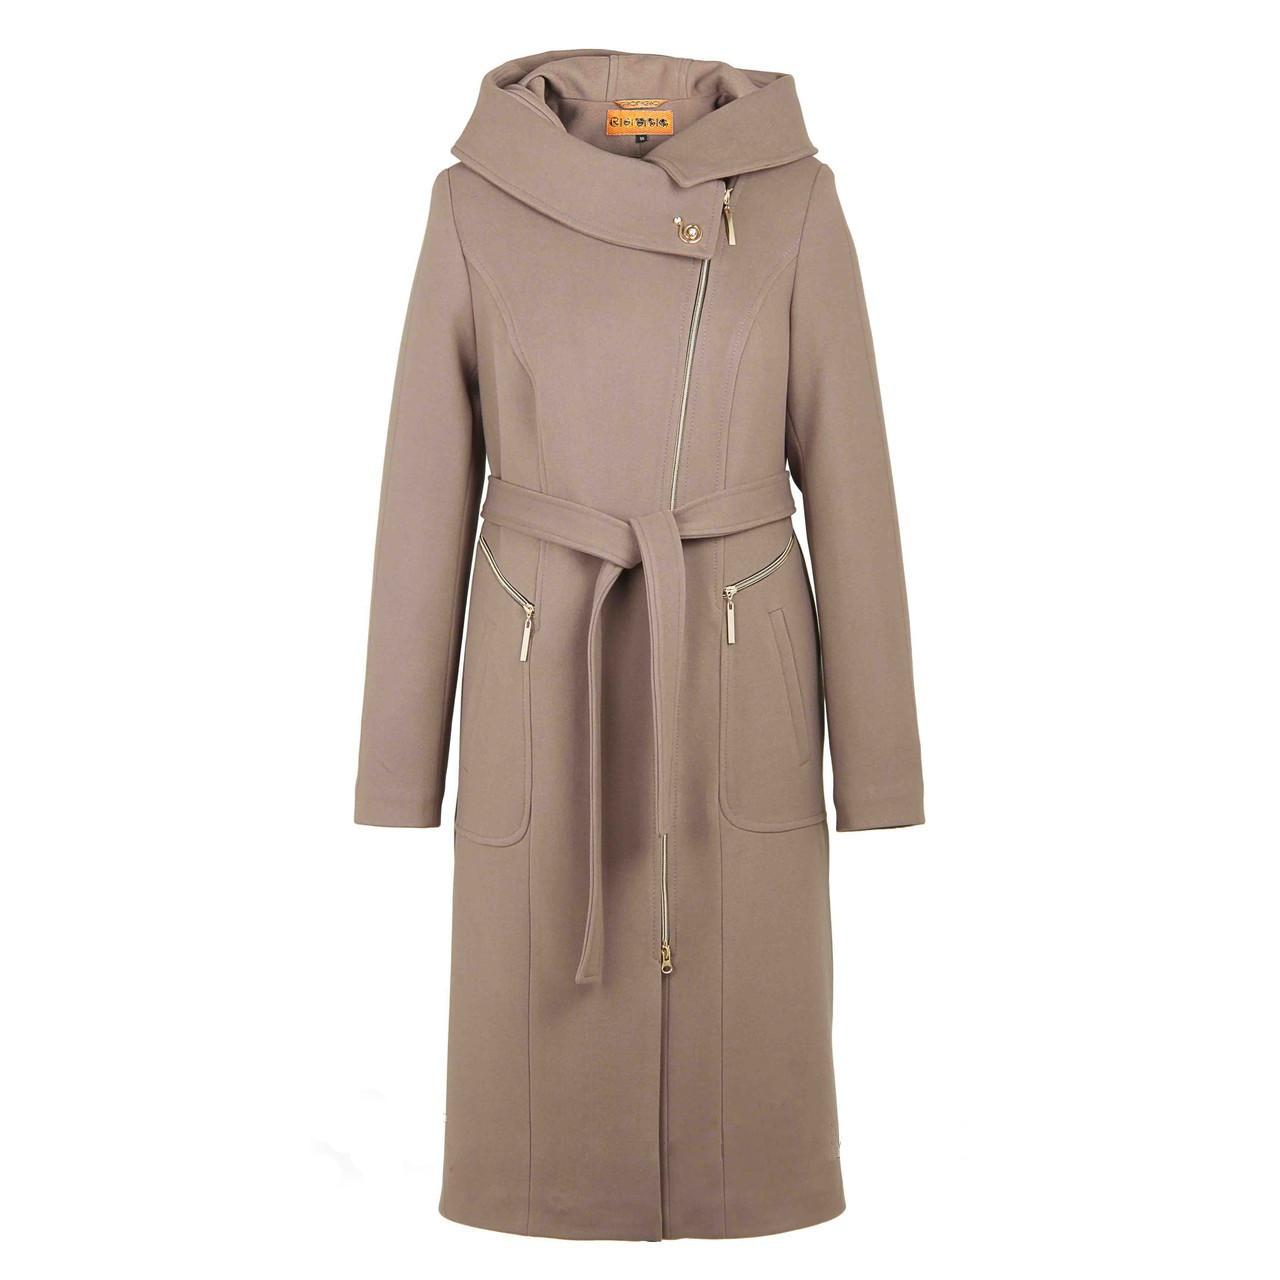 Купить Женское Пальто Интернет Магазин